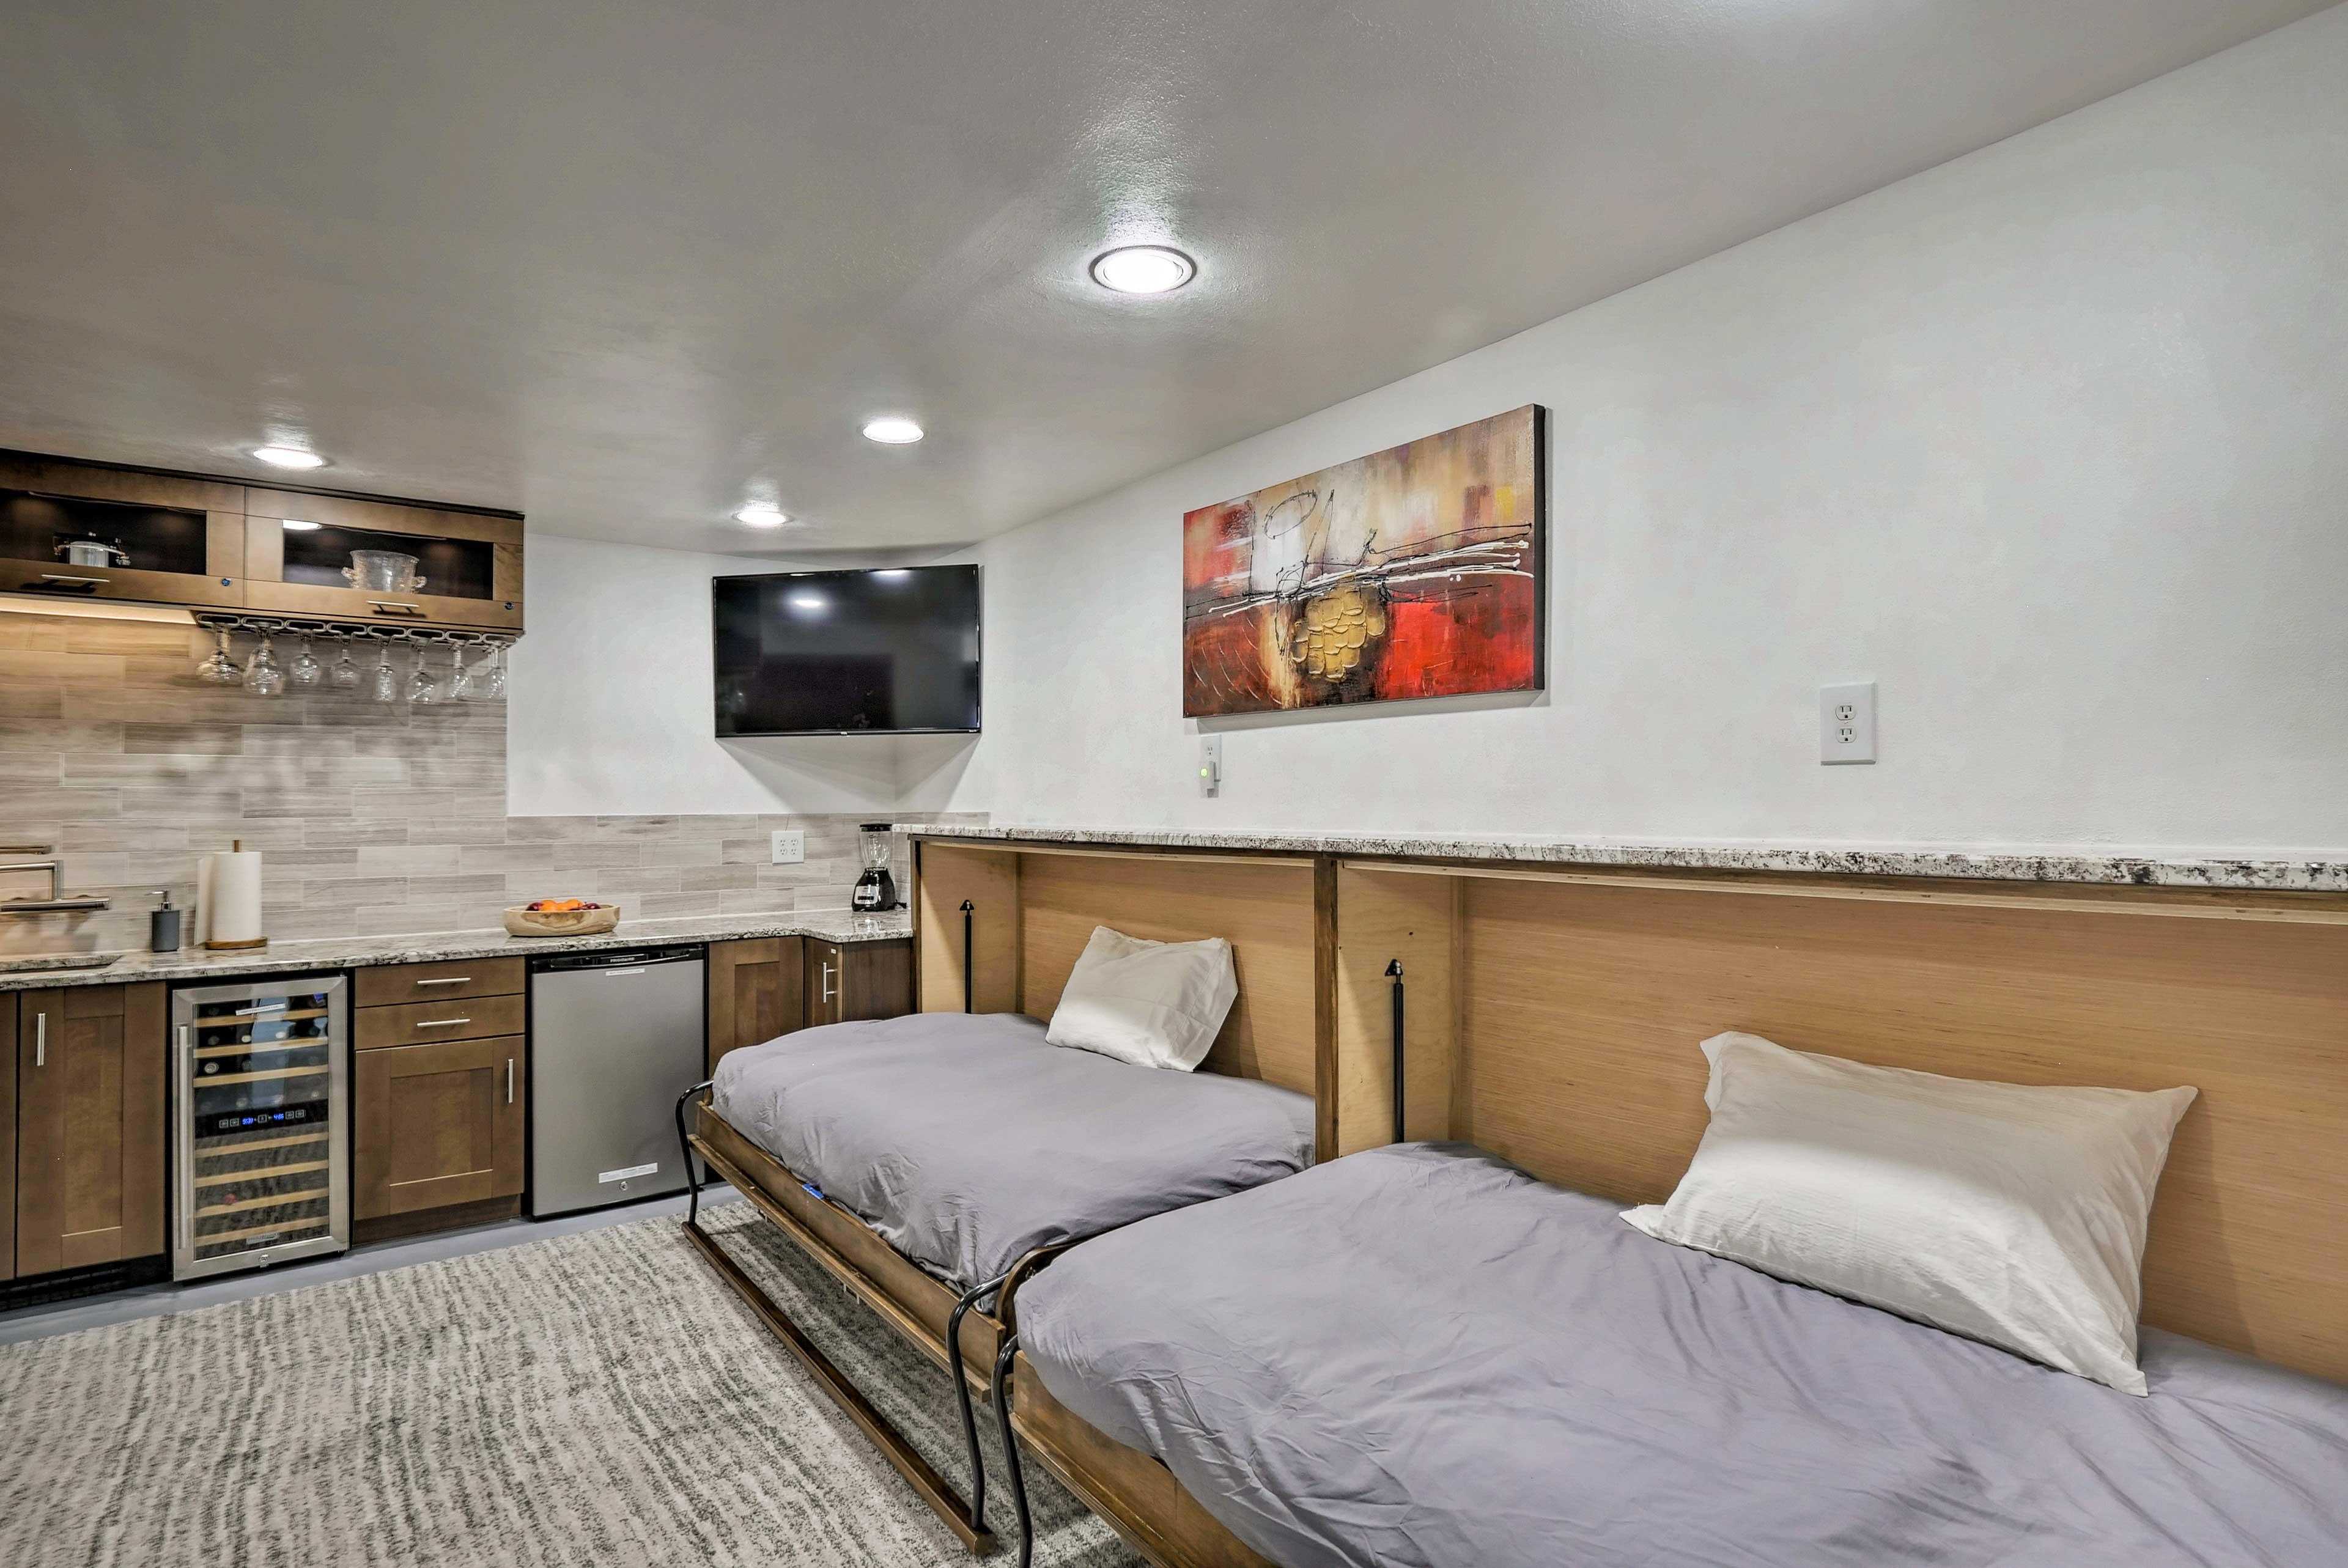 Bonus Room | 2 Twin Murphy Beds